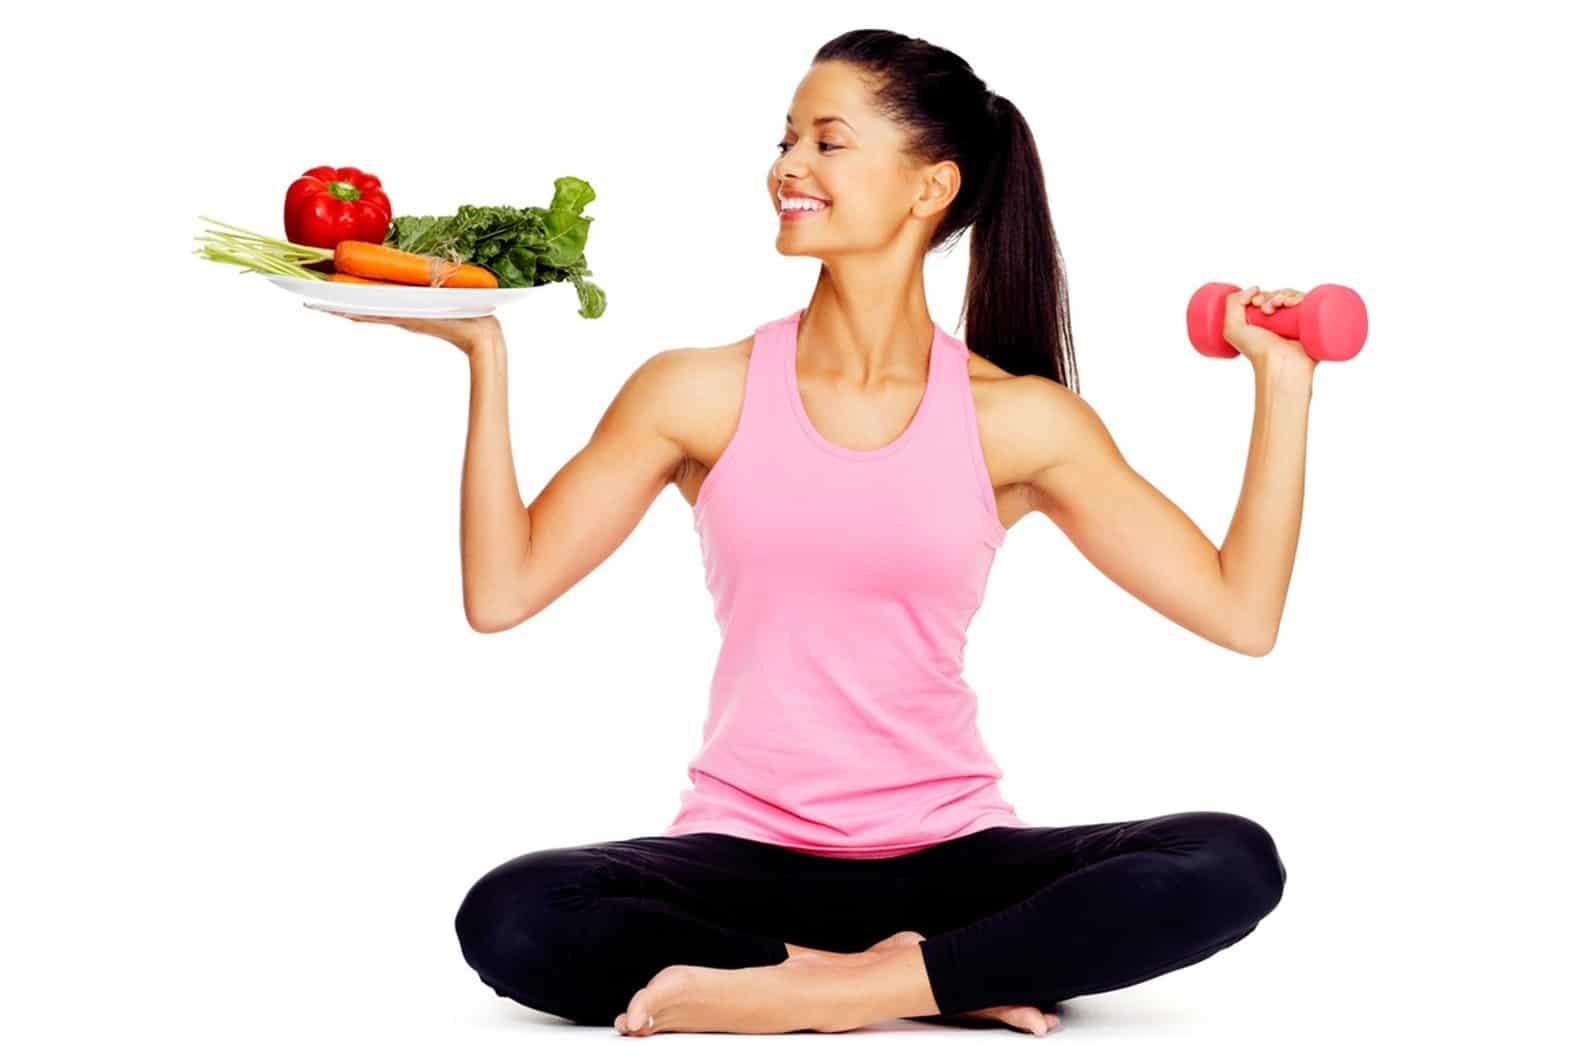 Viêm túi mật xơ teo có thể phòng ngừa bằng chế độ ăn uống và sinh hoạt lành mạnh